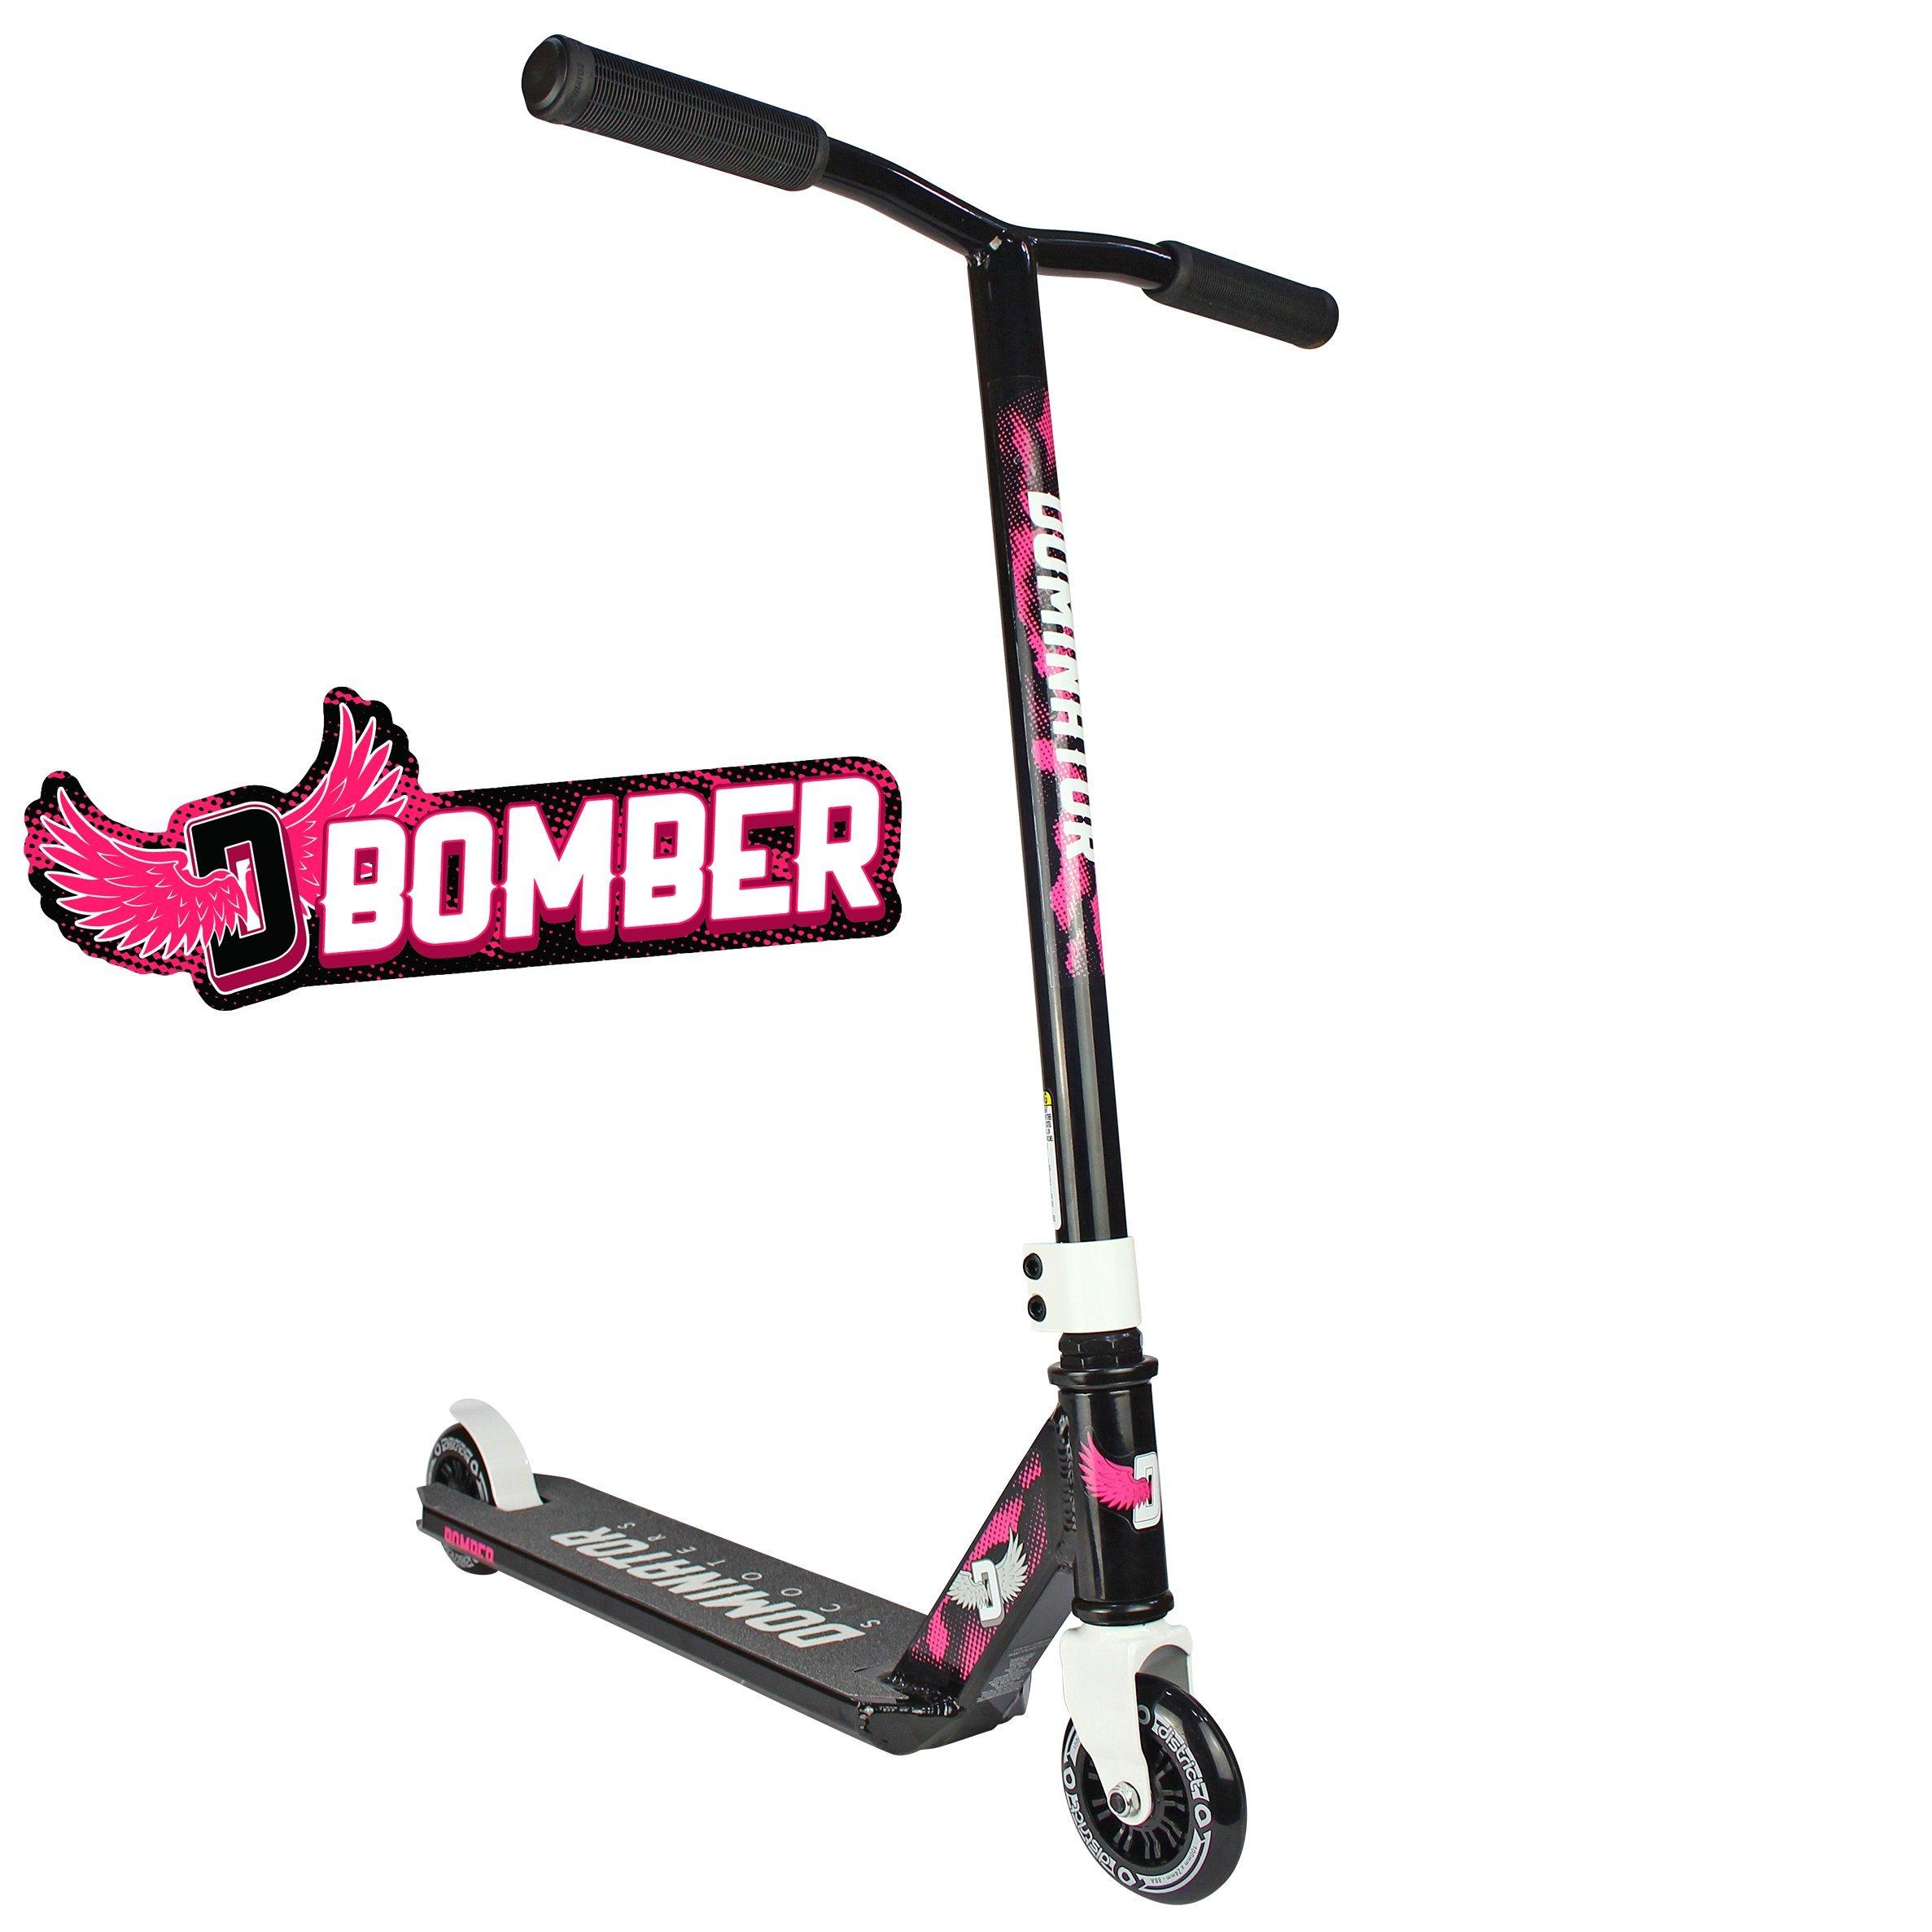 Dominator Bomber Pro Scooter (Black/Pink)